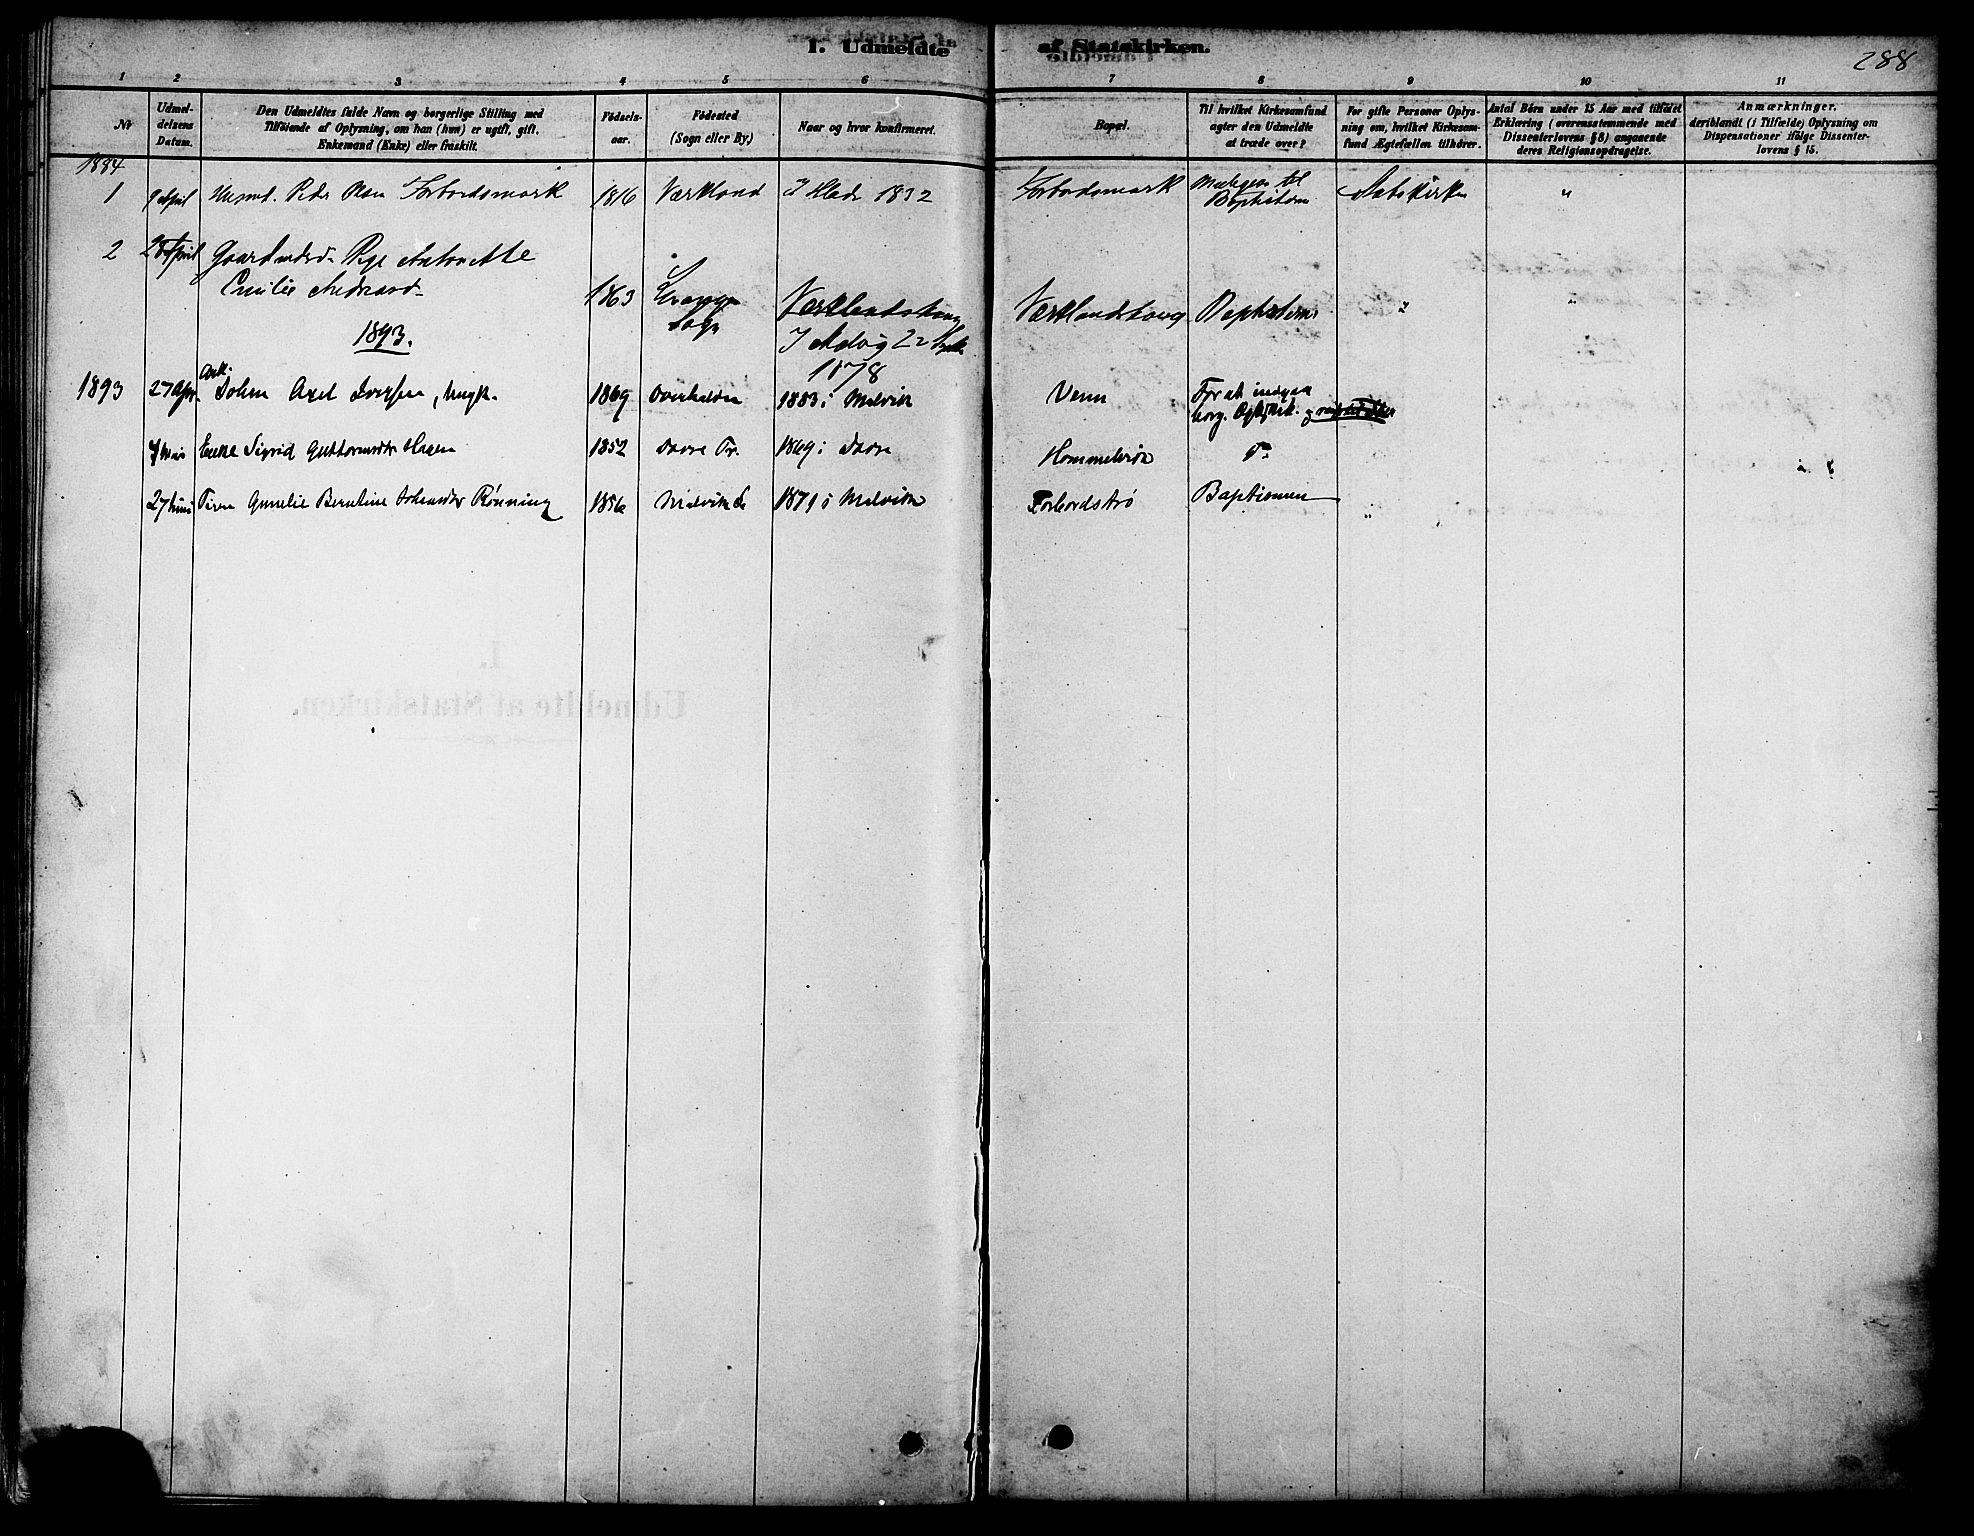 SAT, Ministerialprotokoller, klokkerbøker og fødselsregistre - Sør-Trøndelag, 616/L0410: Ministerialbok nr. 616A07, 1878-1893, s. 288